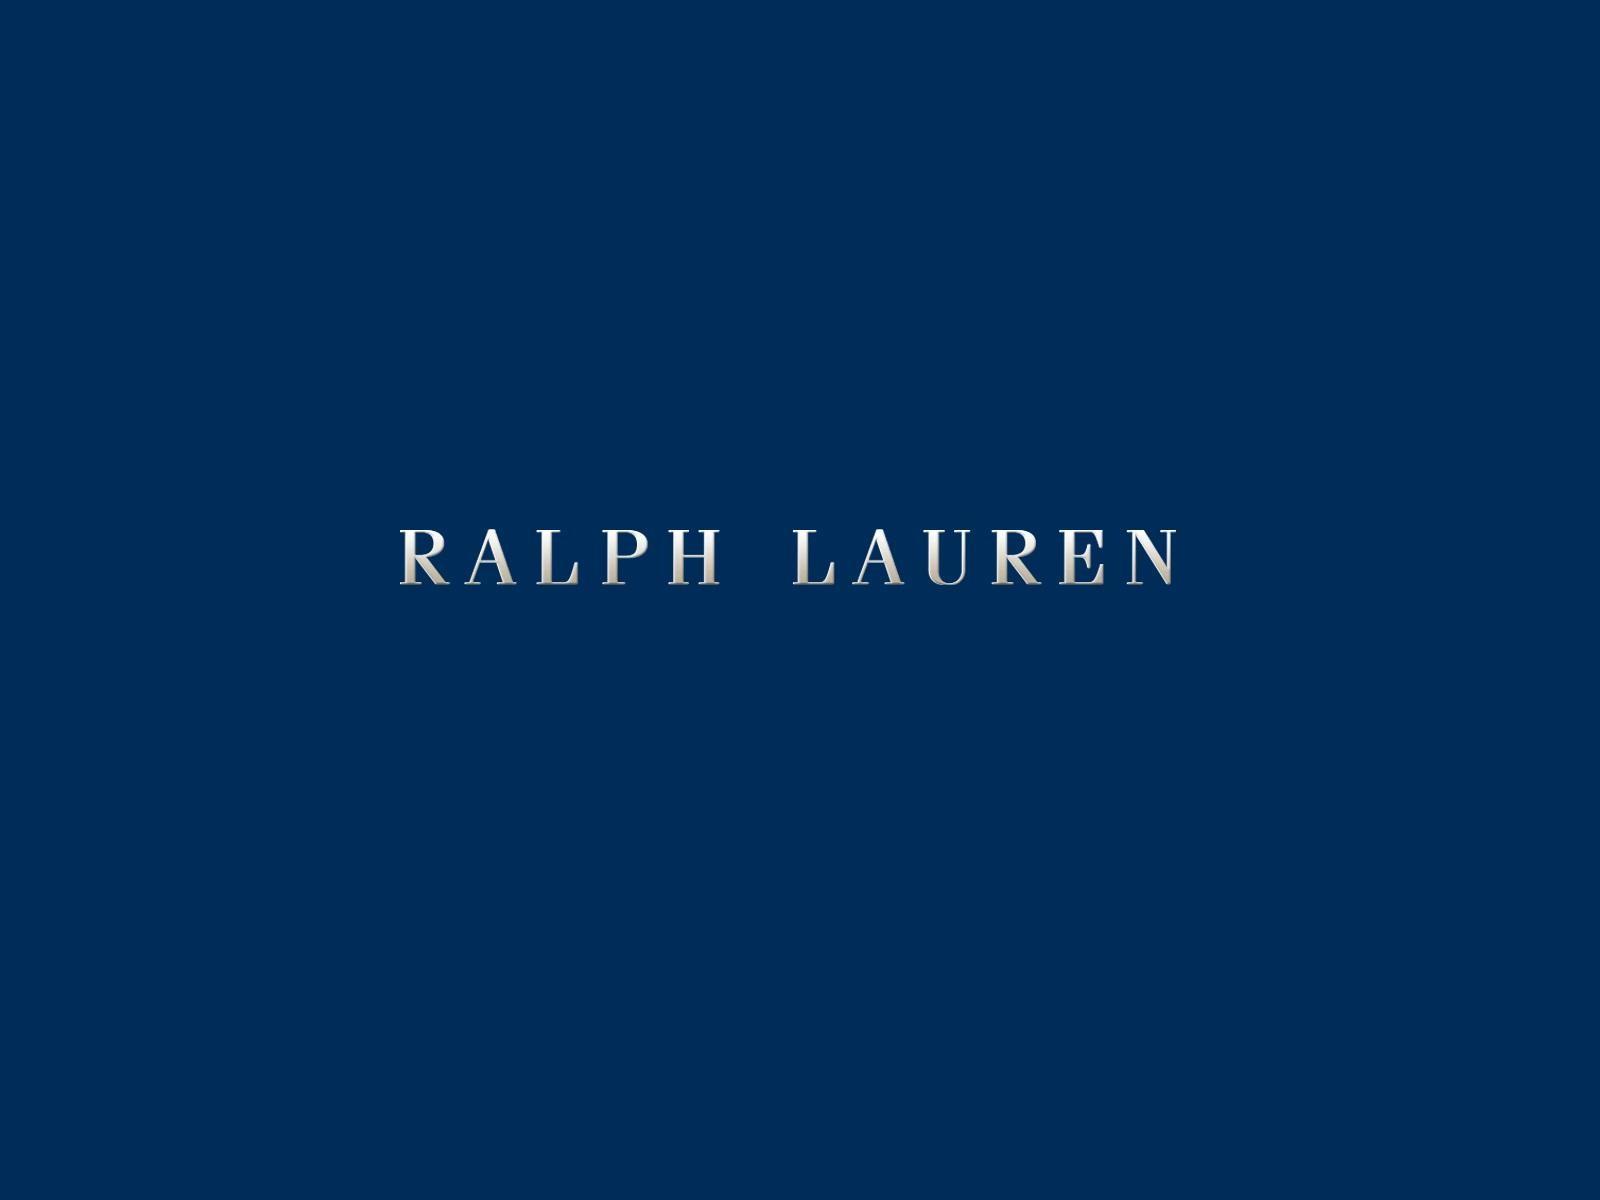 ラルフローレン メンズ 大丸鳥取店 のアルバイト情報